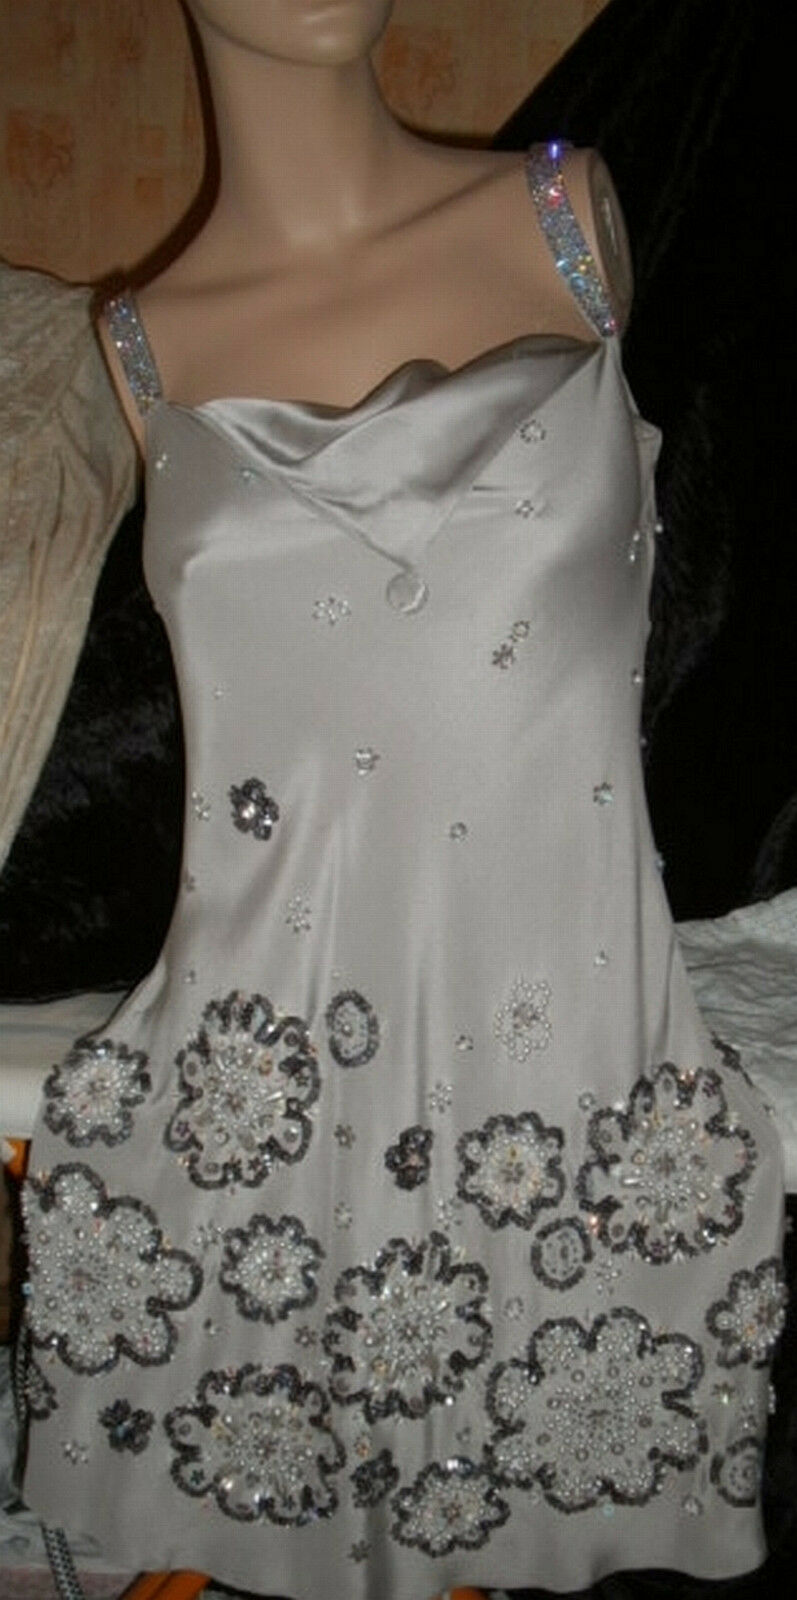 Designerkleid by Jenny Packham - unzählige Swarovskikristalle